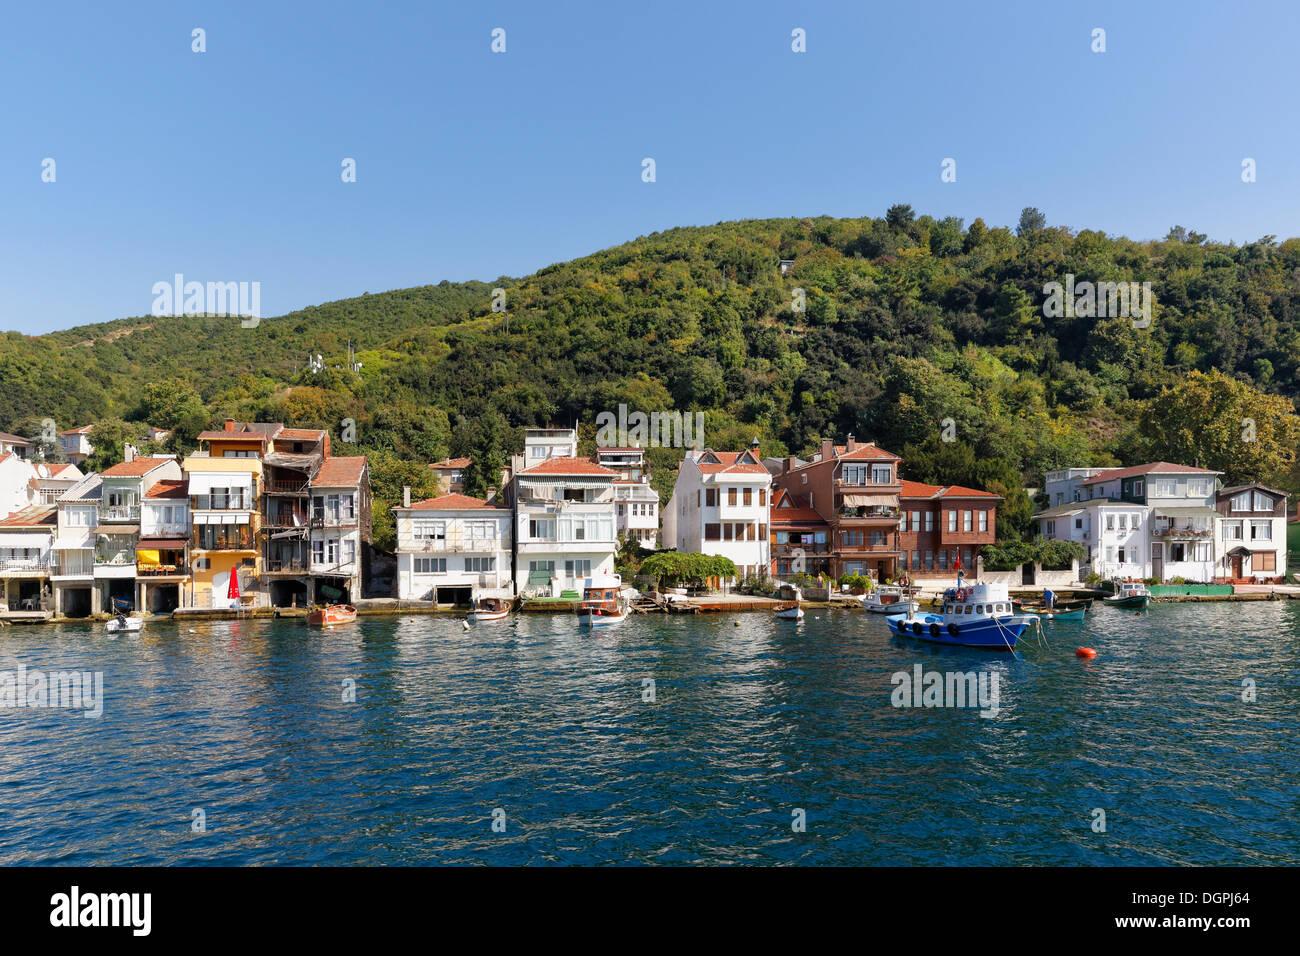 Casas con garajes en barco a orillas del Bósforo o el Bósforo, Bósforo, Anadolu Kavagi, Estambul lado asiático Foto de stock